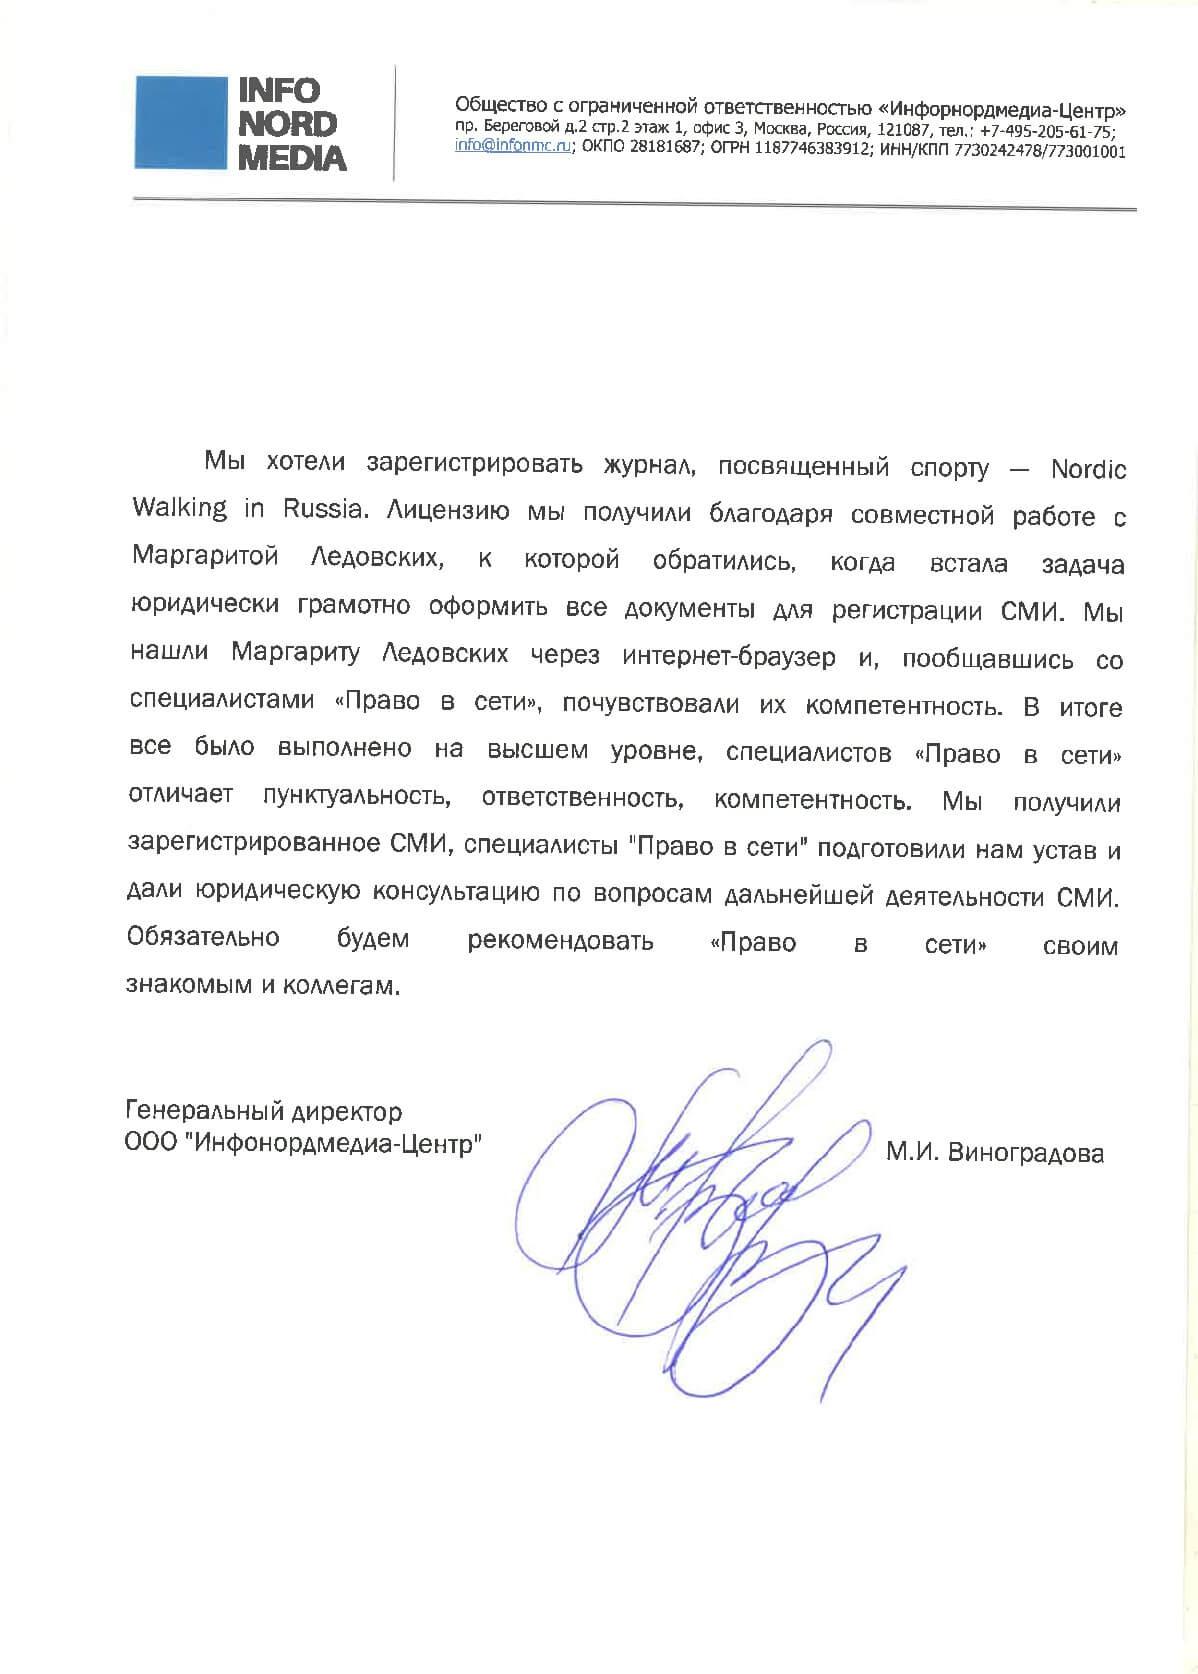 отзыв о регистрации СМИ Инфонордмедиа-центр